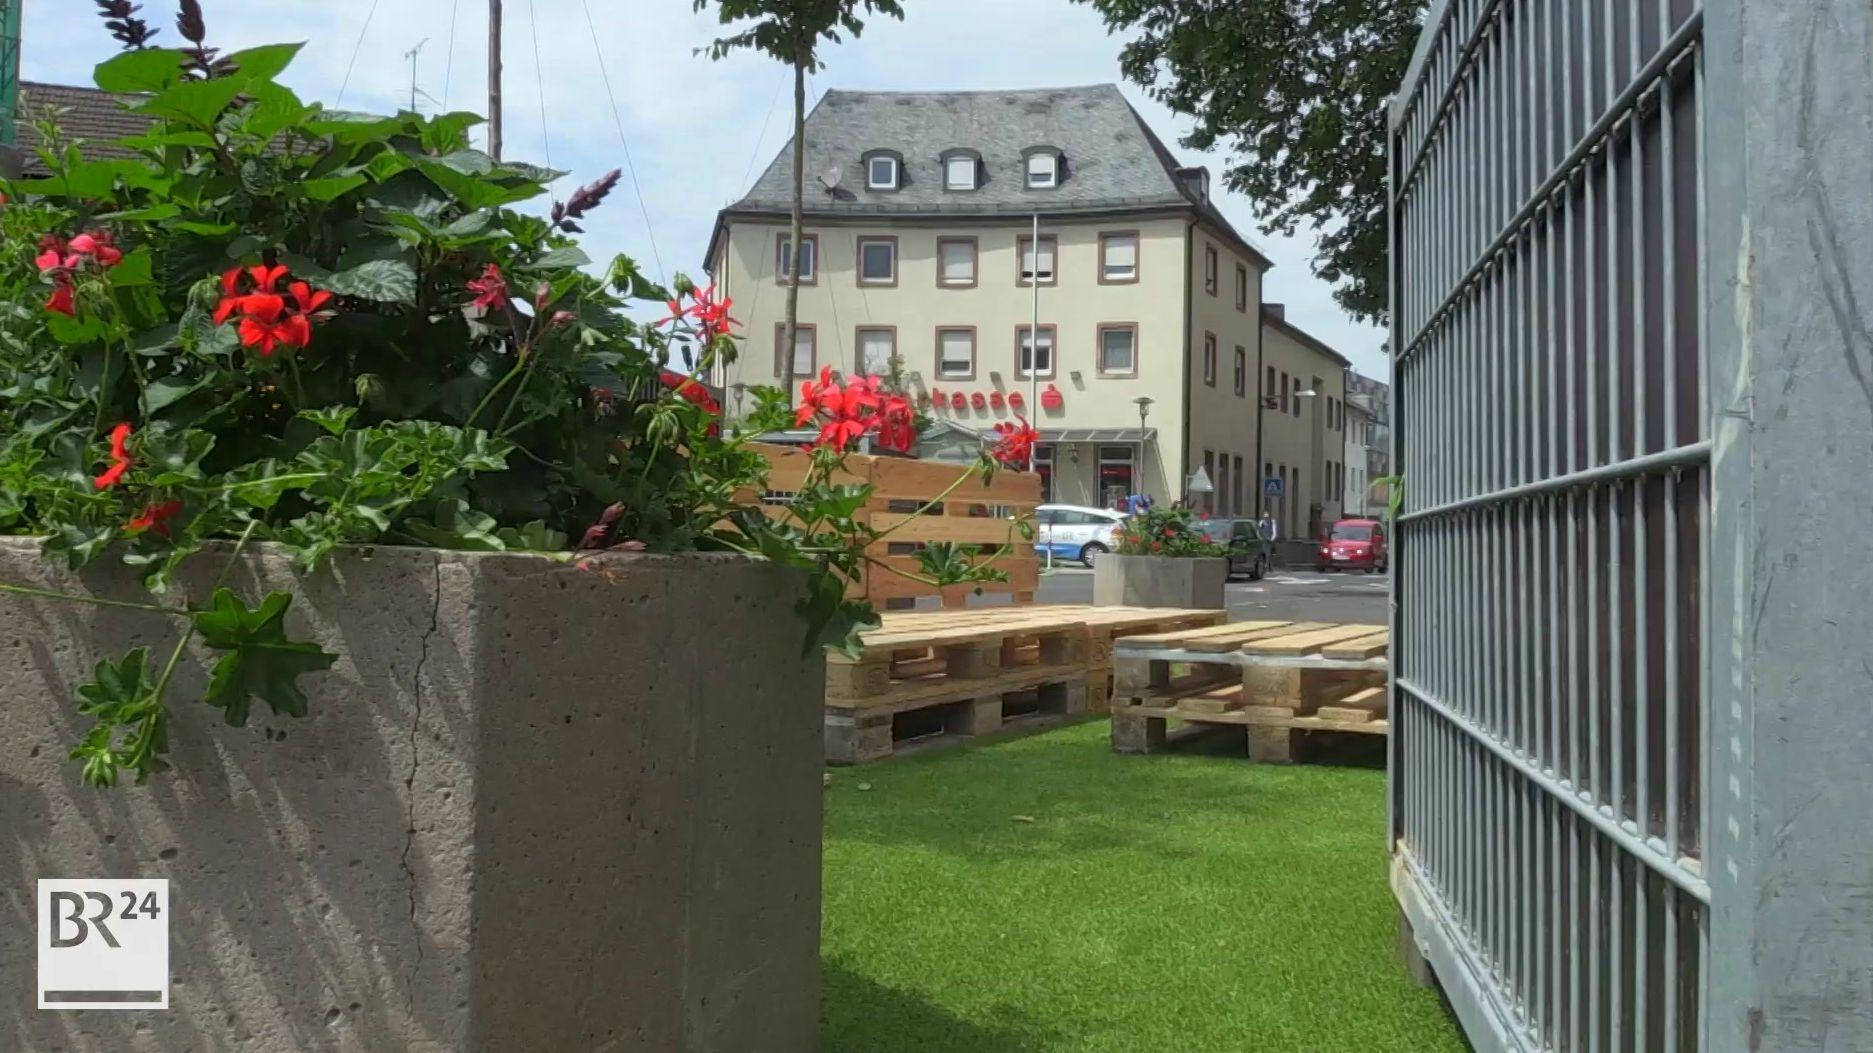 Pop-Up Park in Aschaffenburg